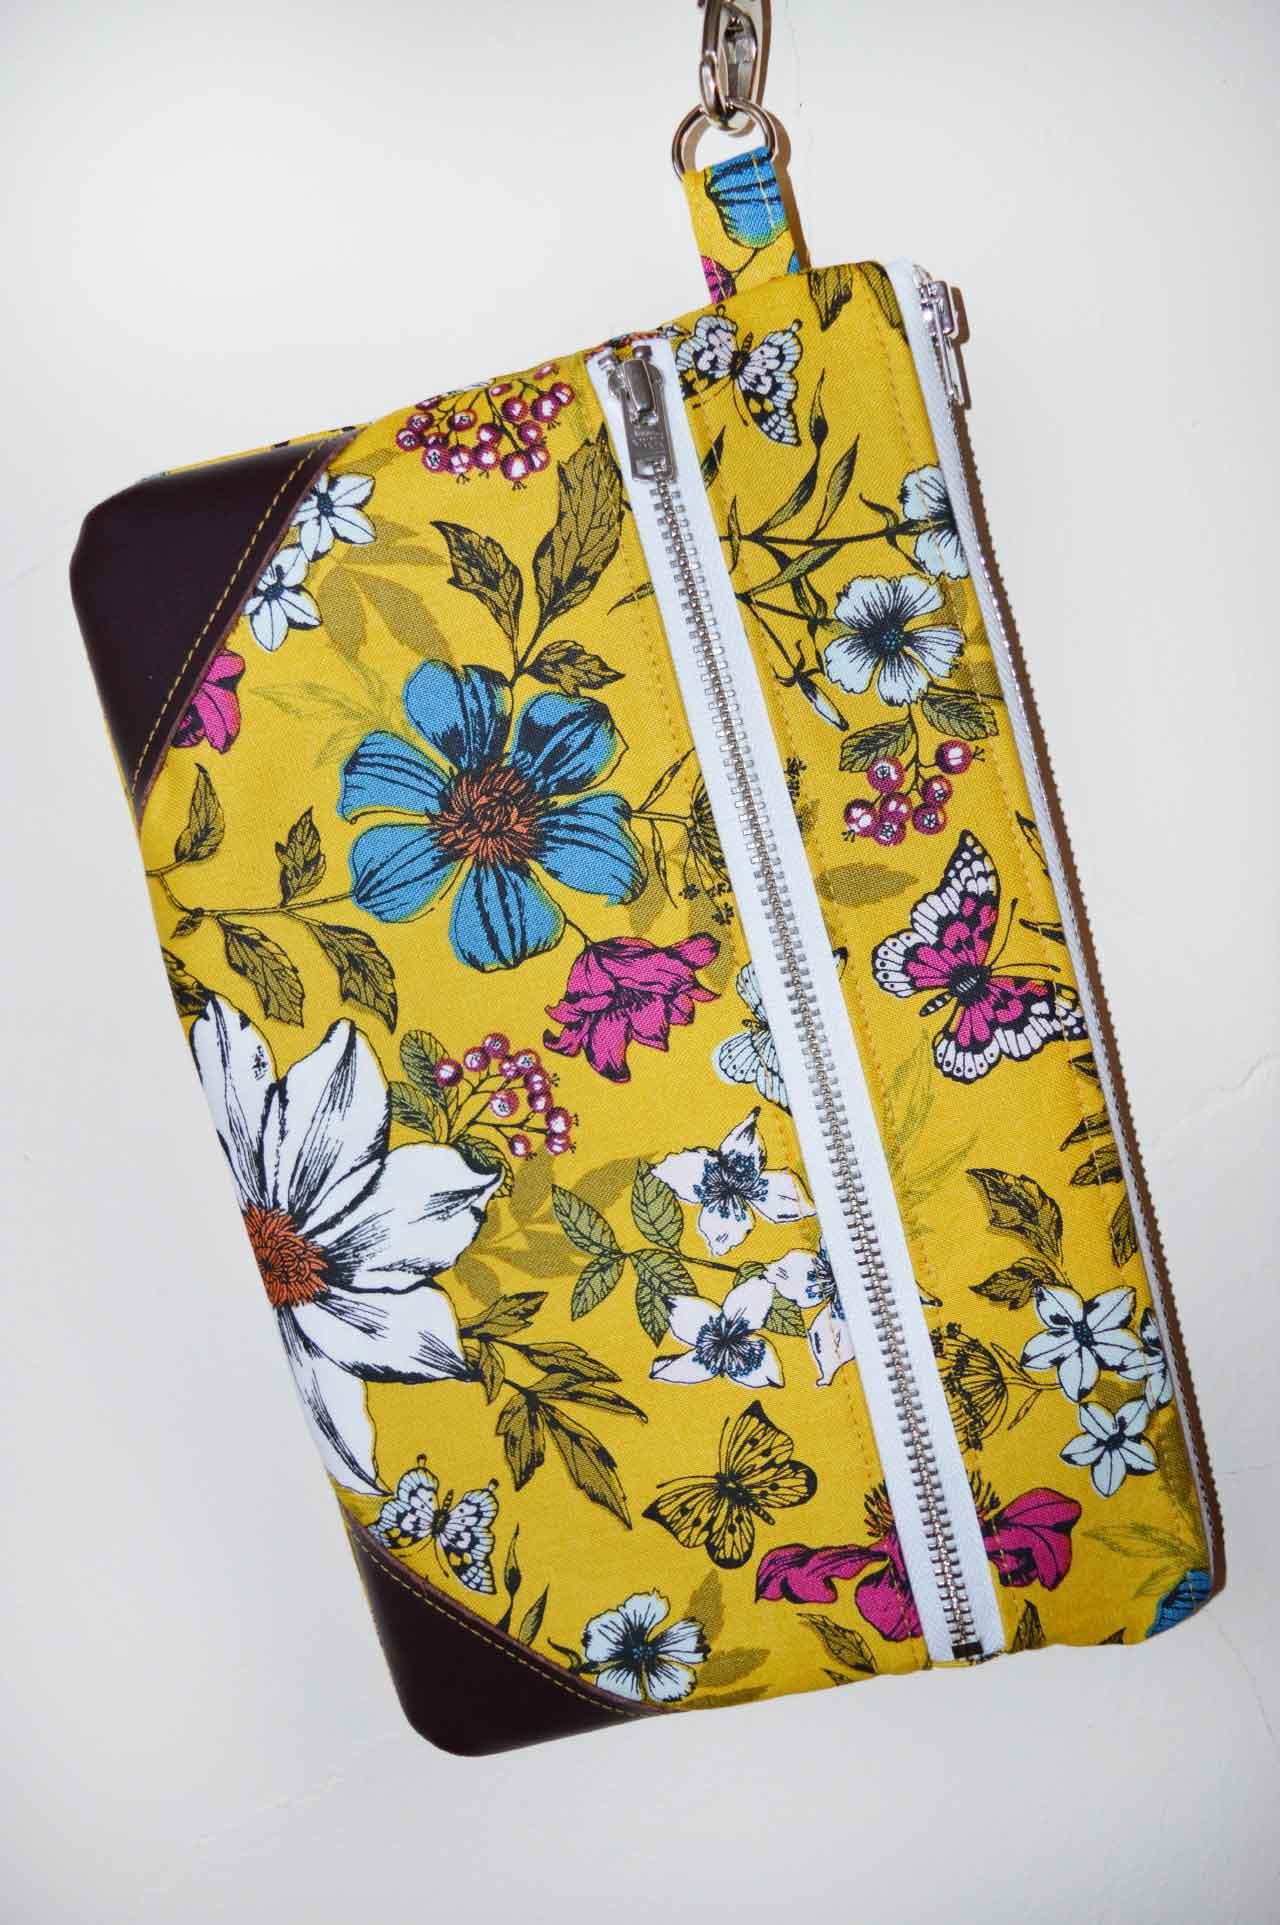 Botanica Floral Zip Purse - LBG Studio Double Zip Pouch - Holm Sown